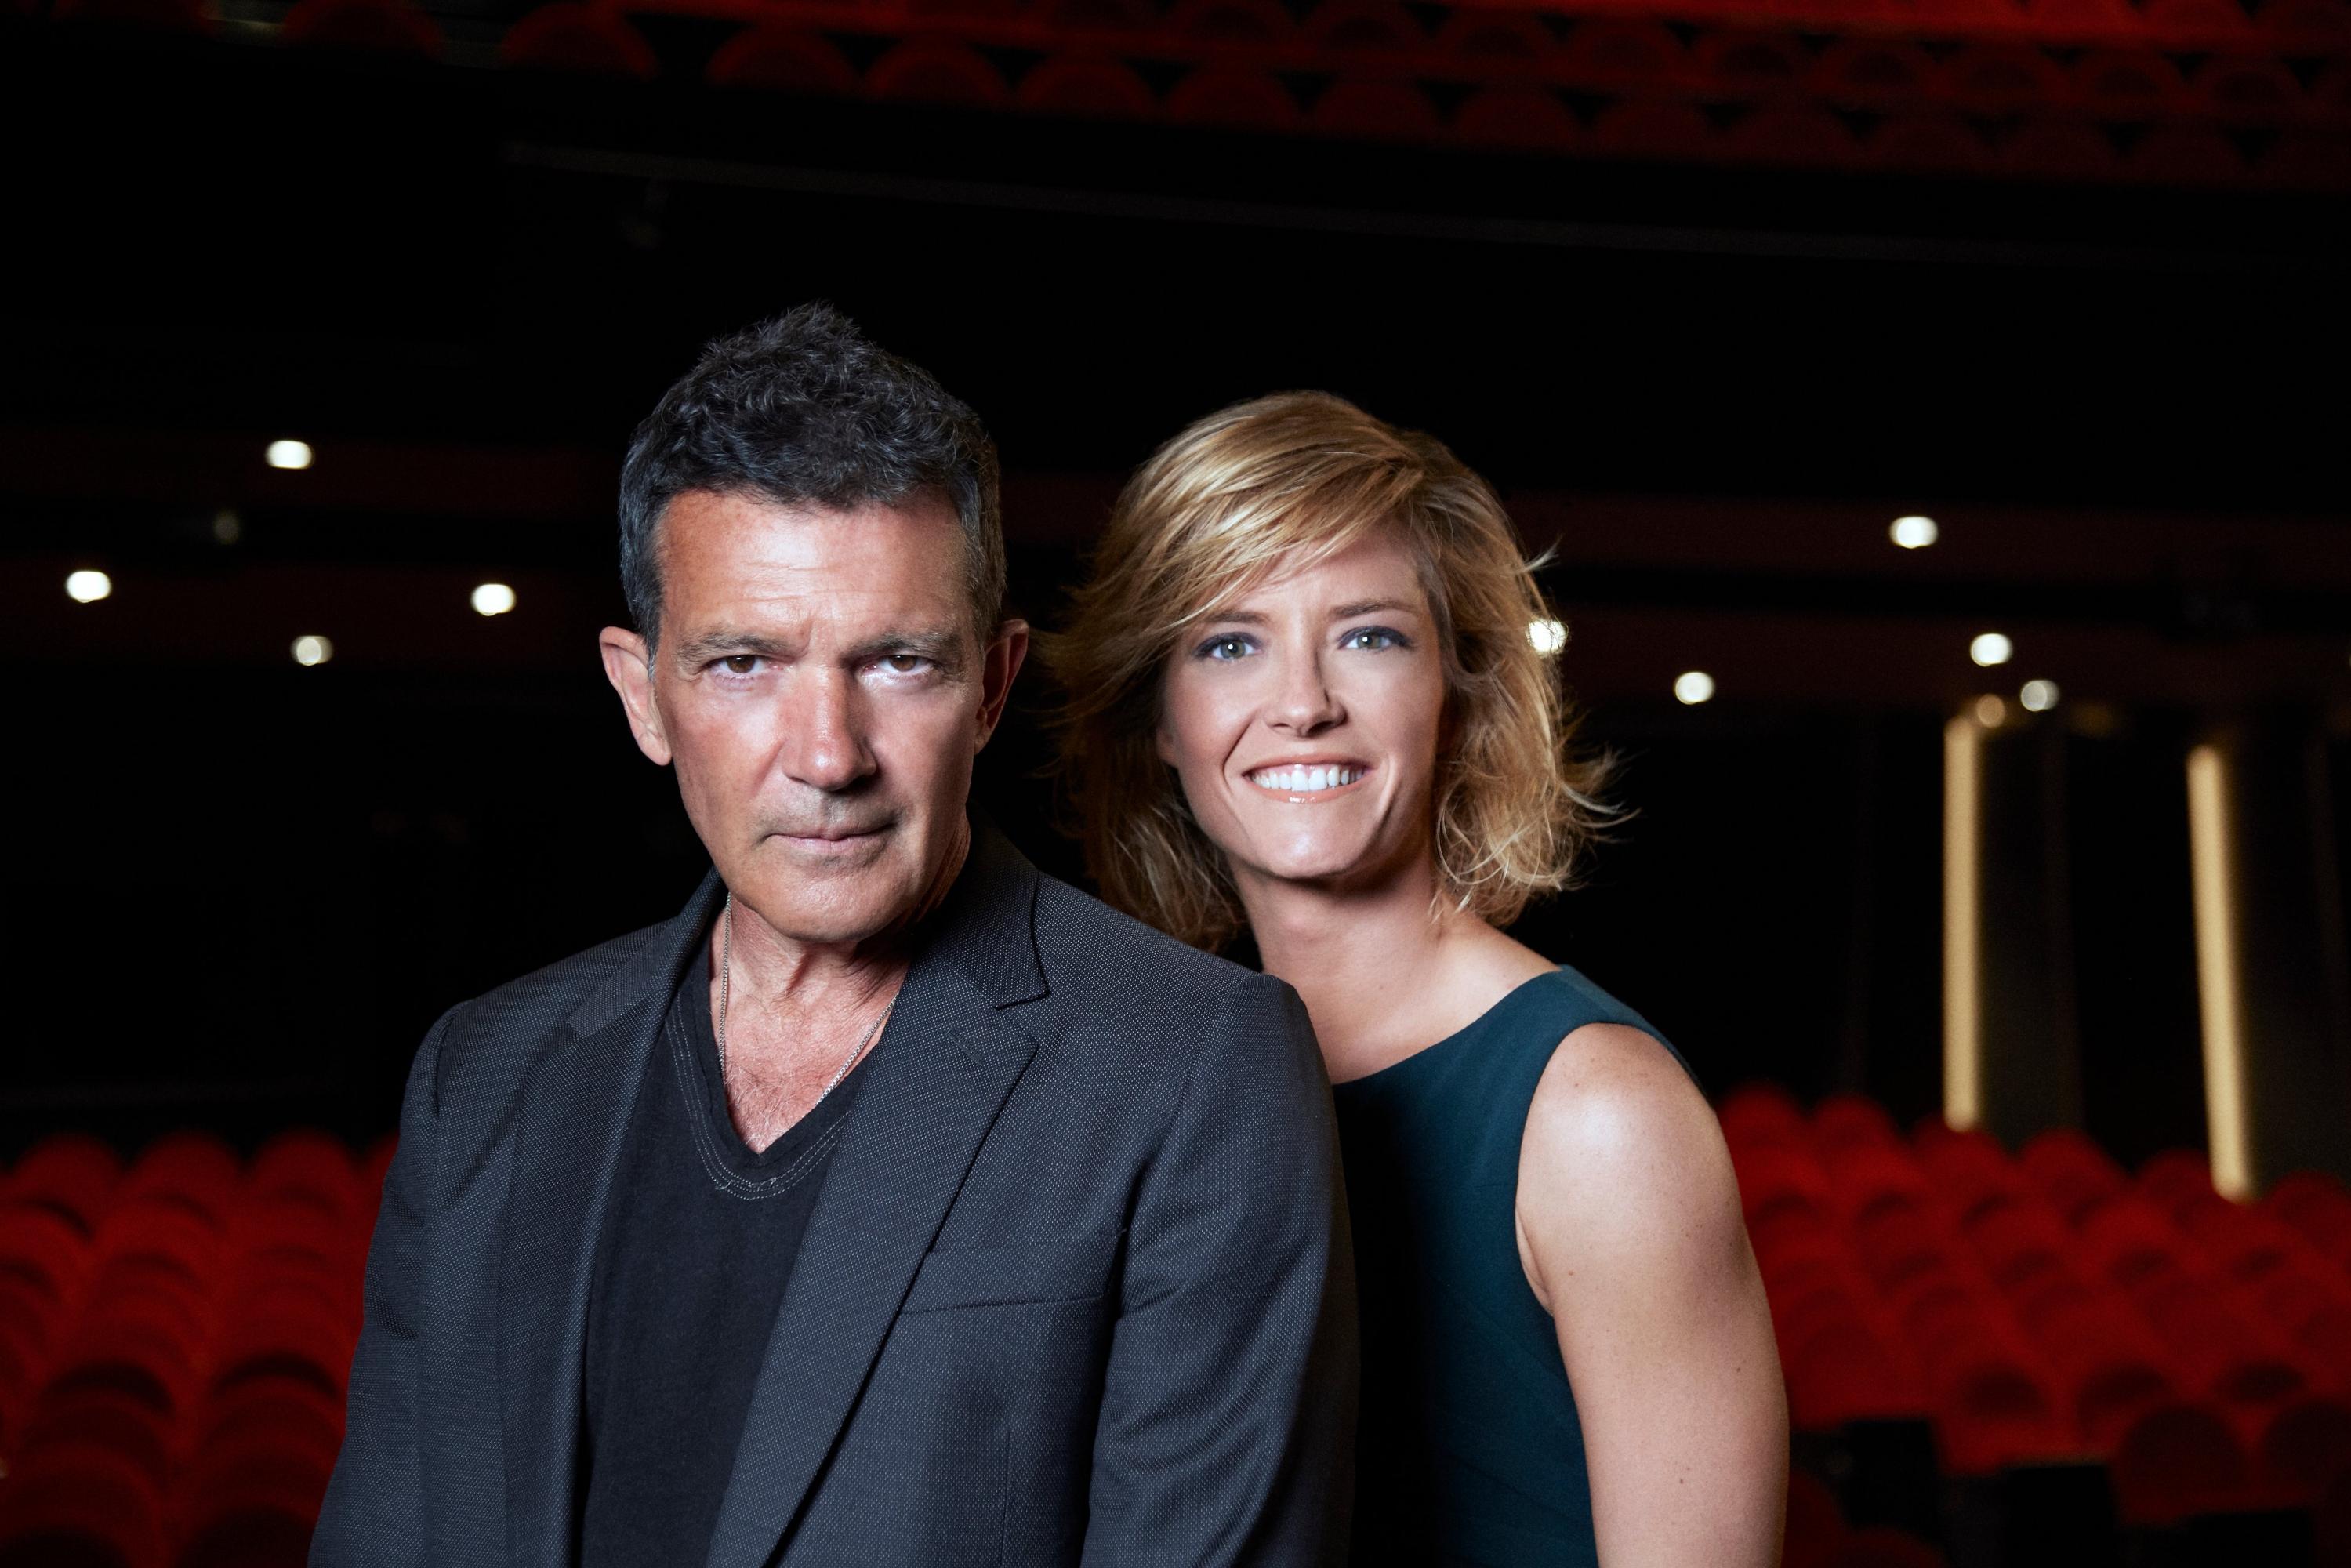 Premios Goya 2021: Antonio Banderas y María Casado dirigirán y presentarán  los Premios Goya 2021 | Público